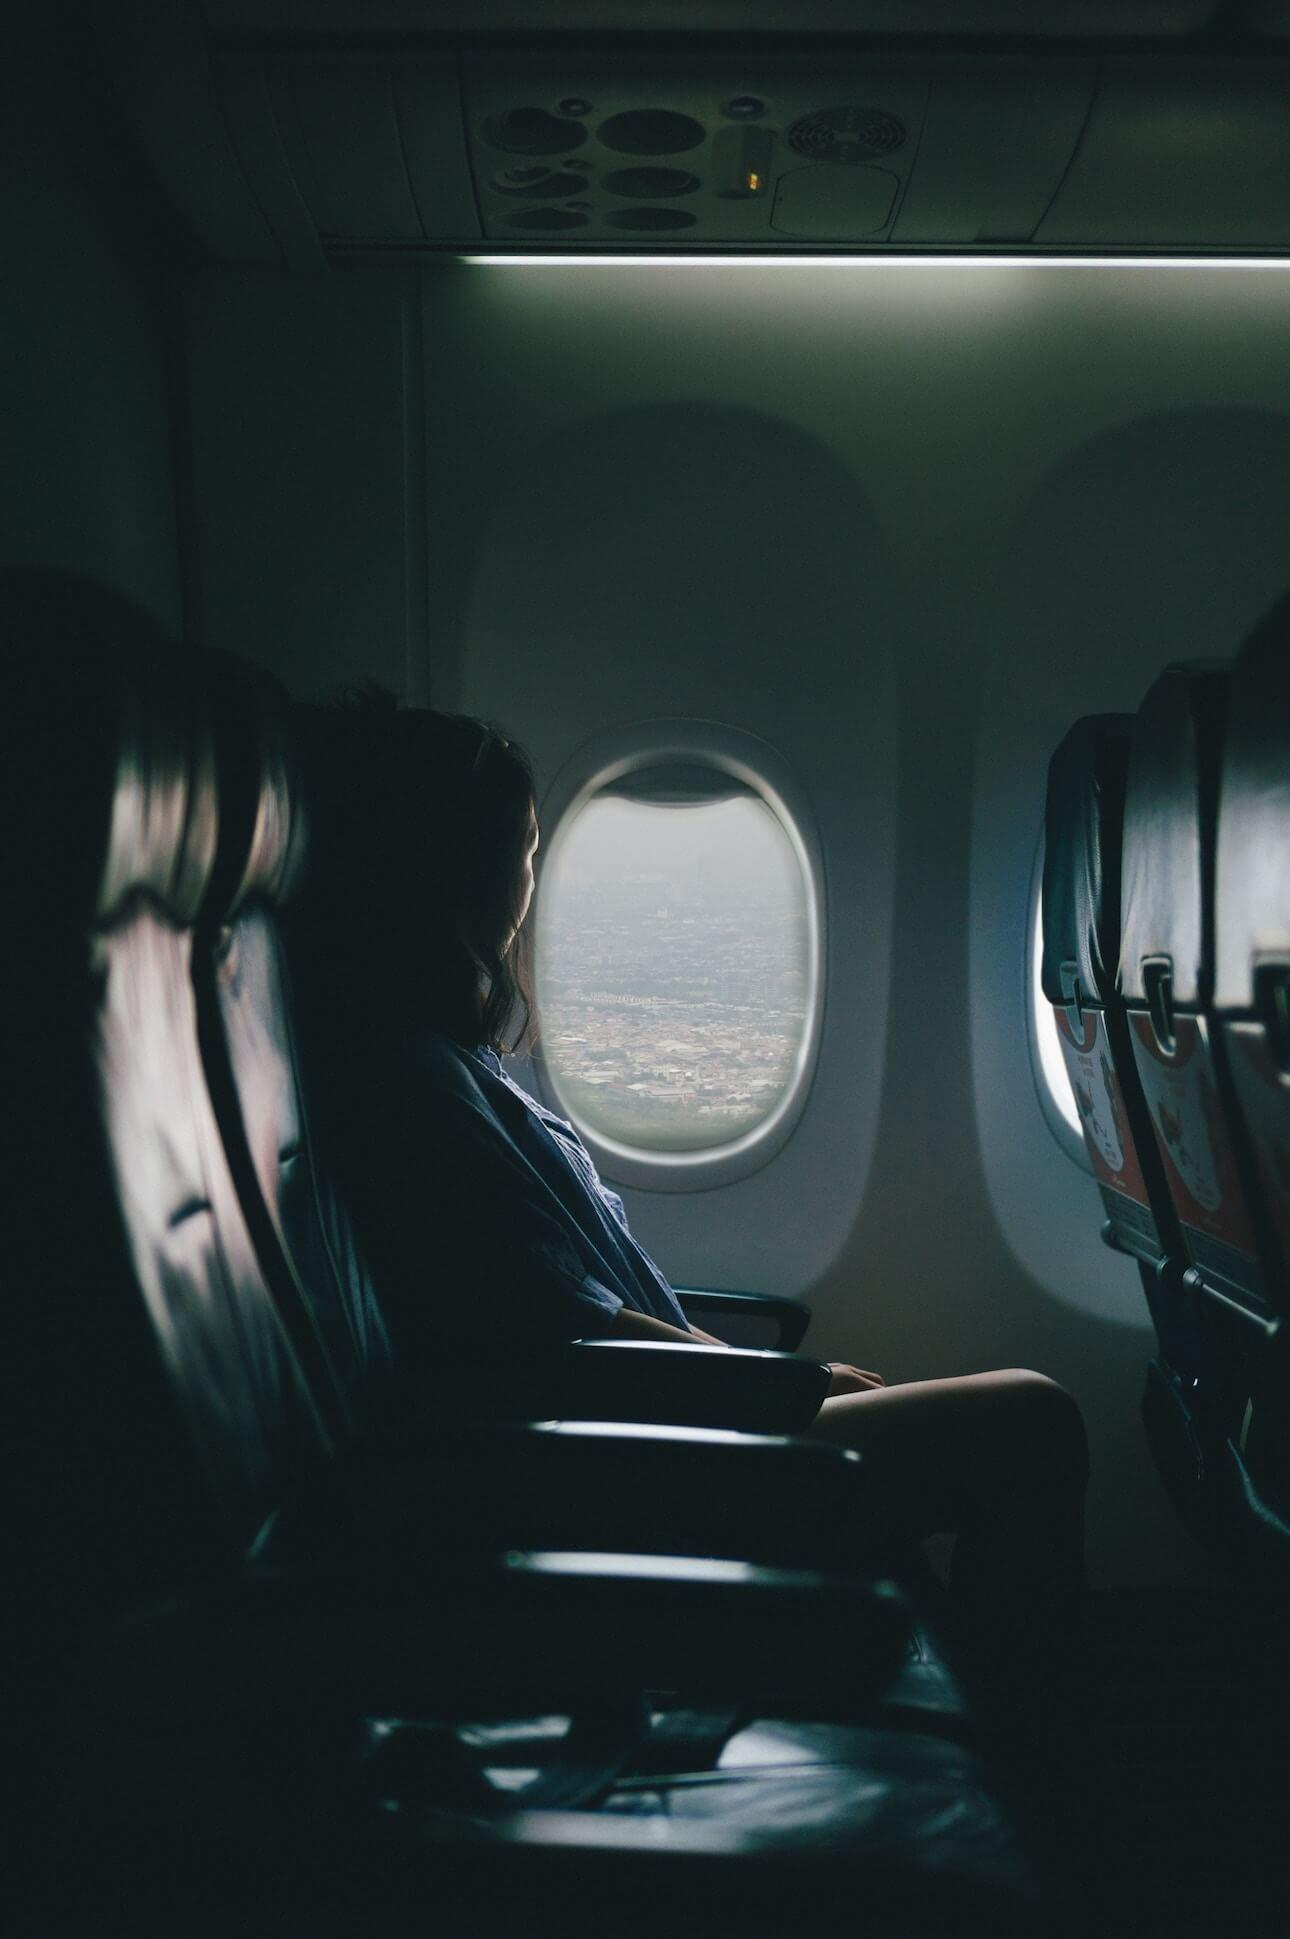 Flugzeug Sitzplatz Tricks - Leere Reihe ergattern